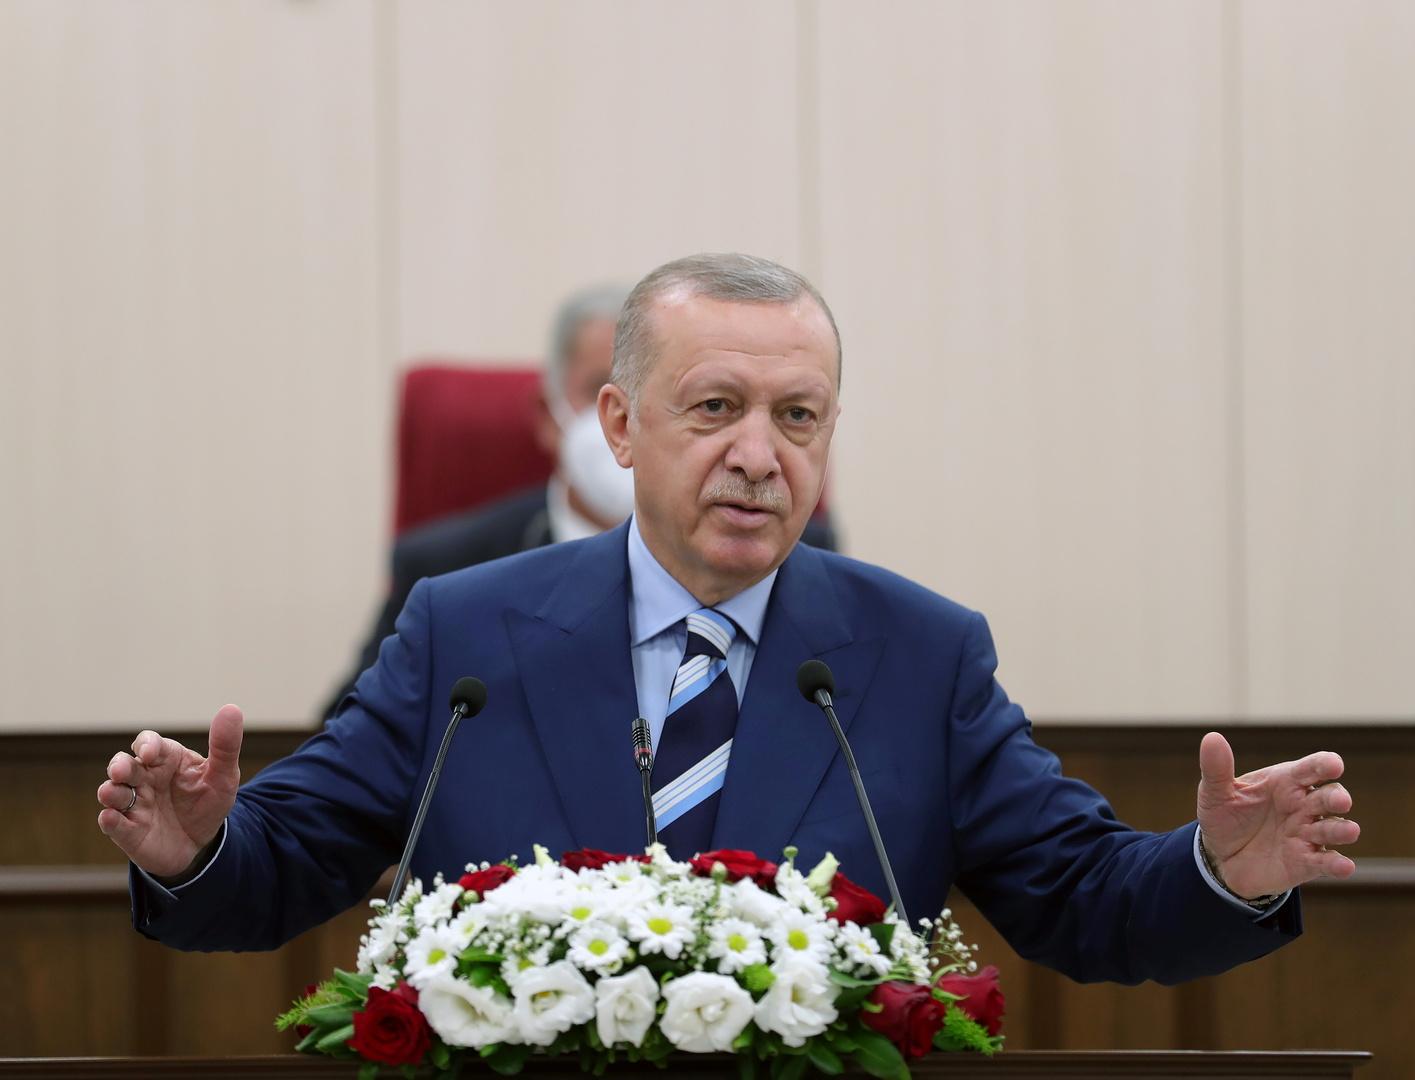 أردوغان يعرب عن استعداد بلاده للوساطة بين إثيوبيا والسودان